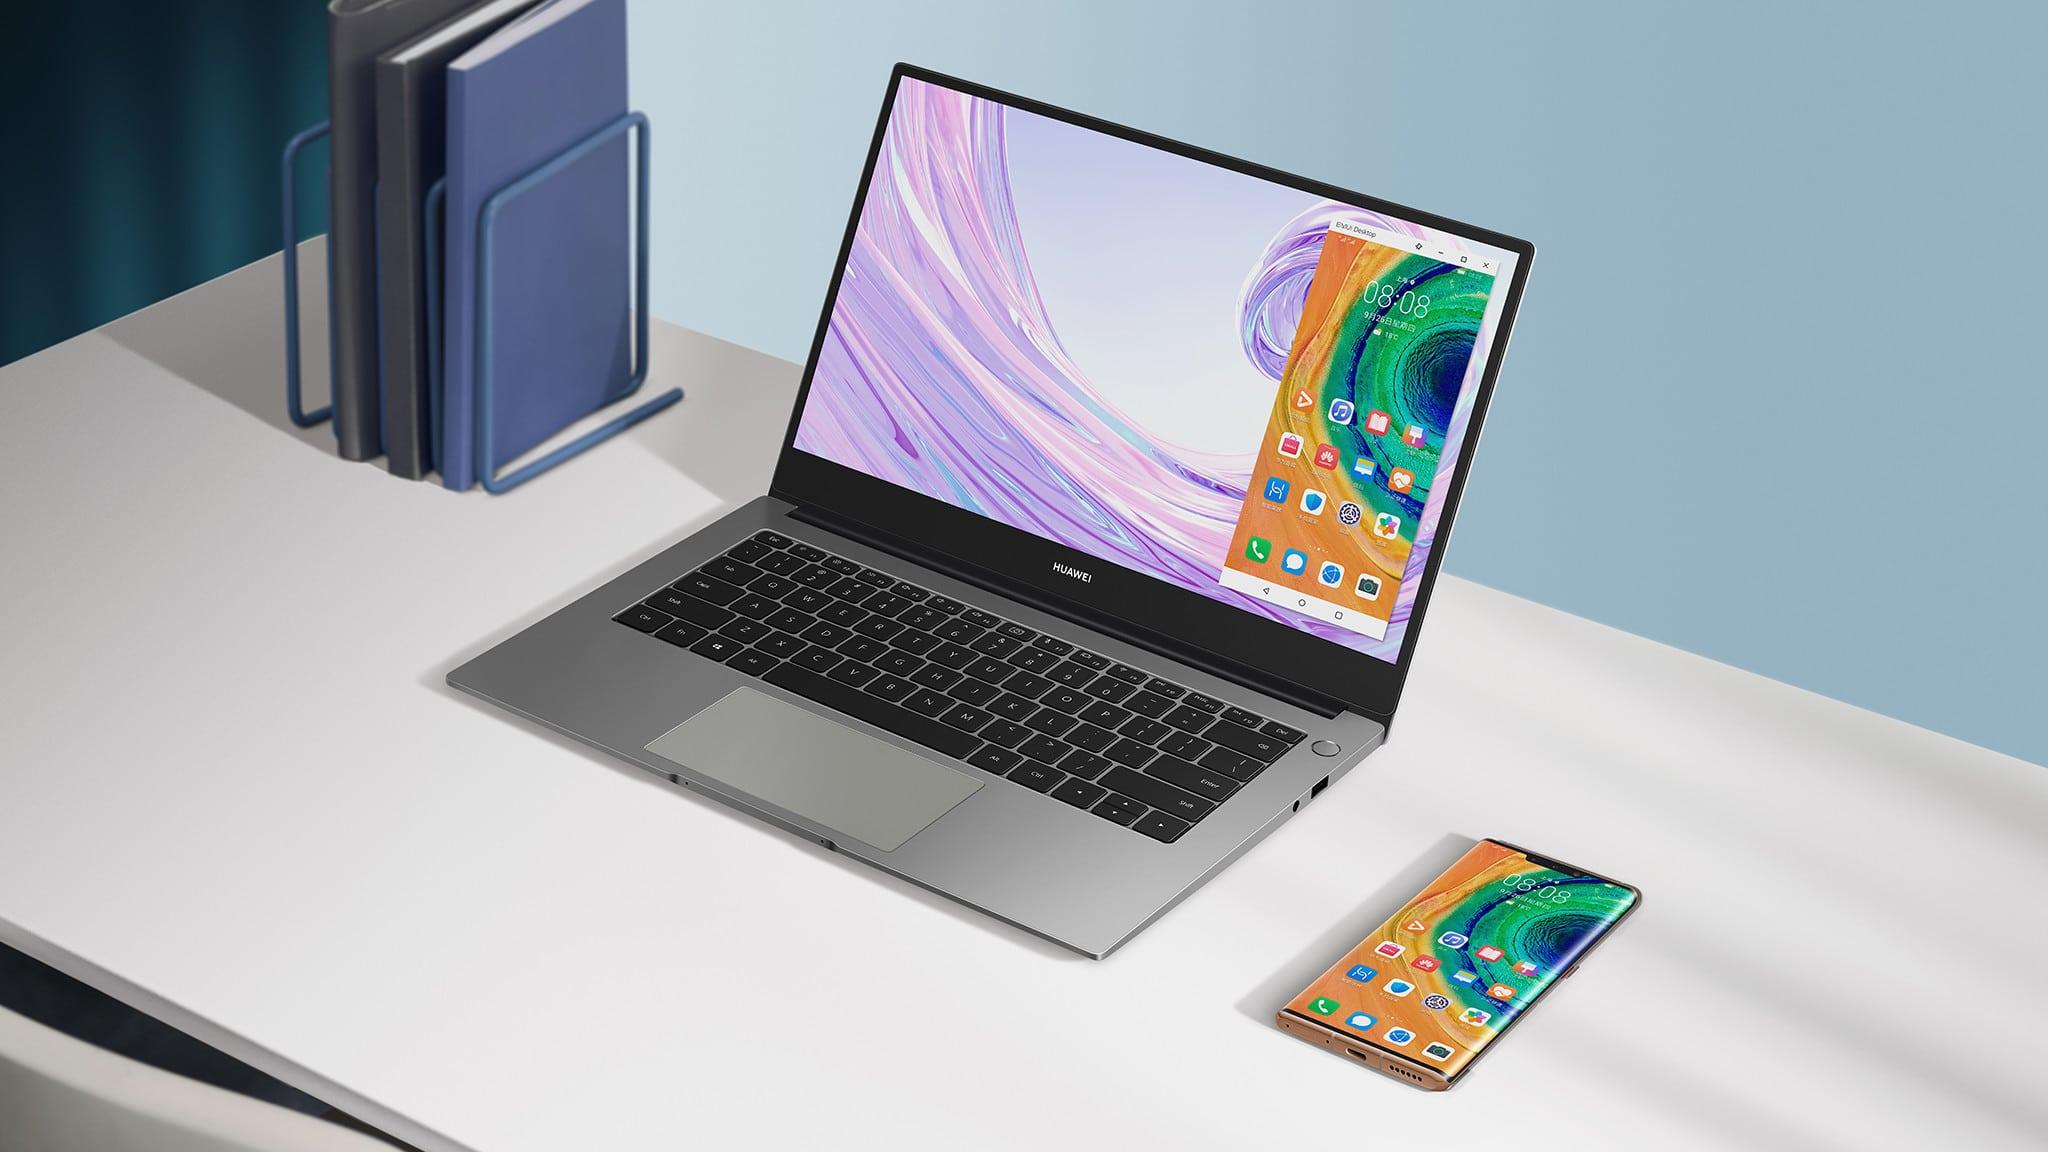 """Gợi ý 4 lựa chọn laptop """"đỉnh"""" cho người mới đi làm - Ảnh 1."""